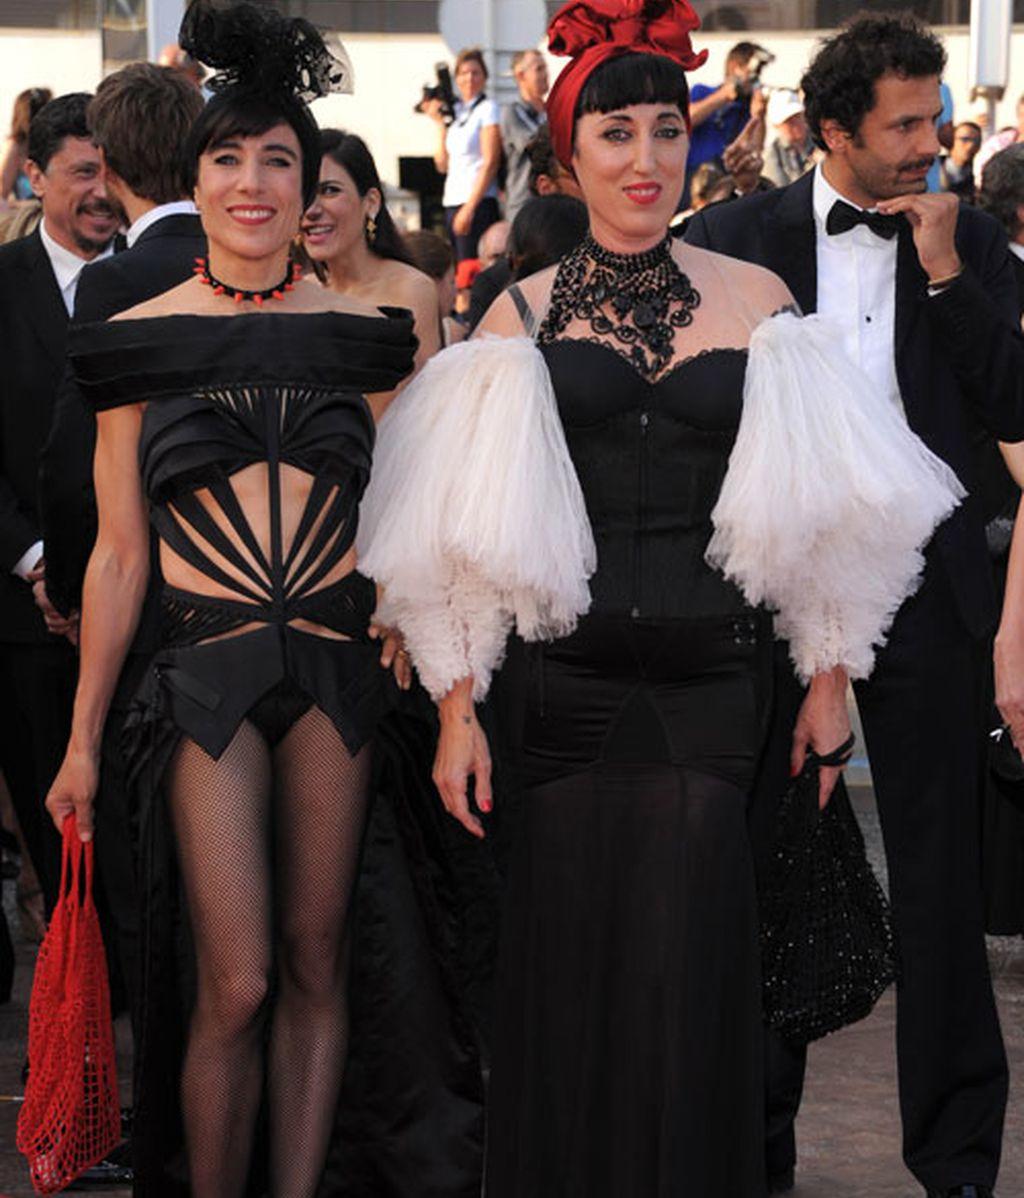 Modelitos y modelazos en la alfombra roja de Almodóvar en Cannes